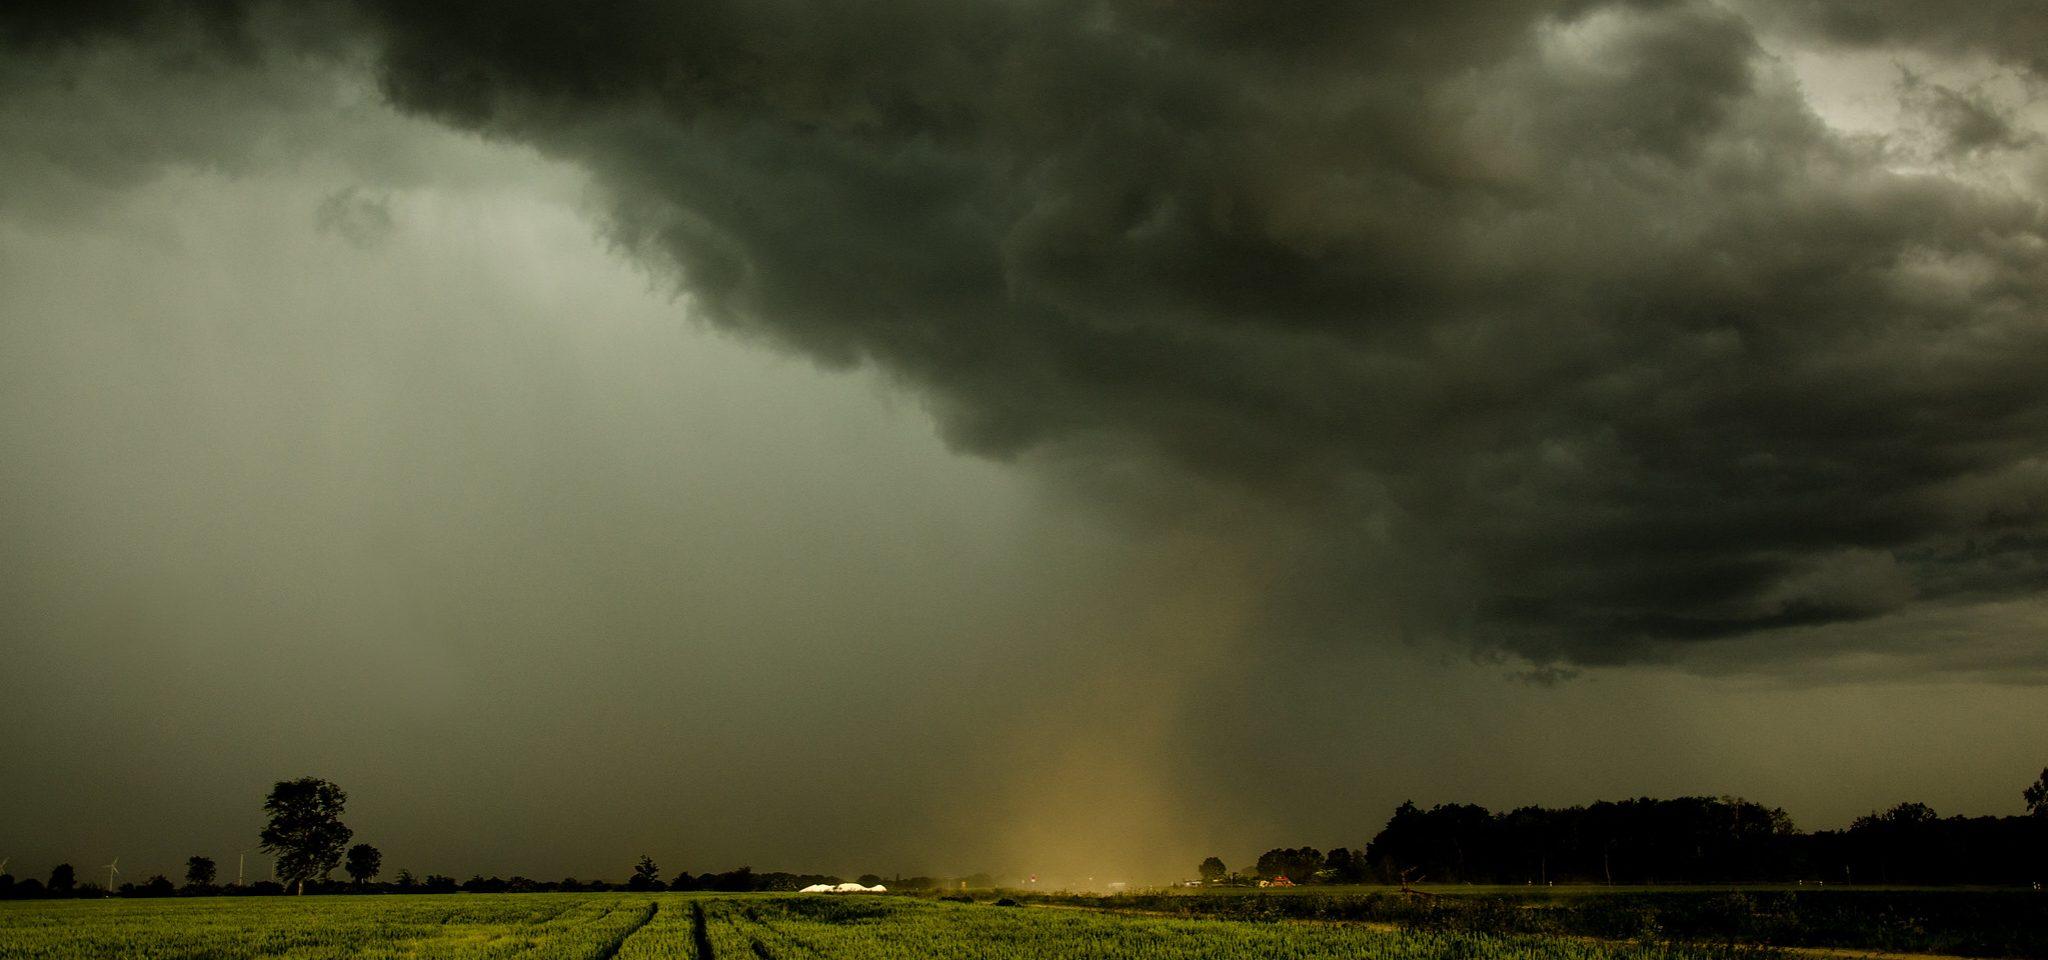 Foto: Rüdiger Manig / Deutscher Wetterdienst